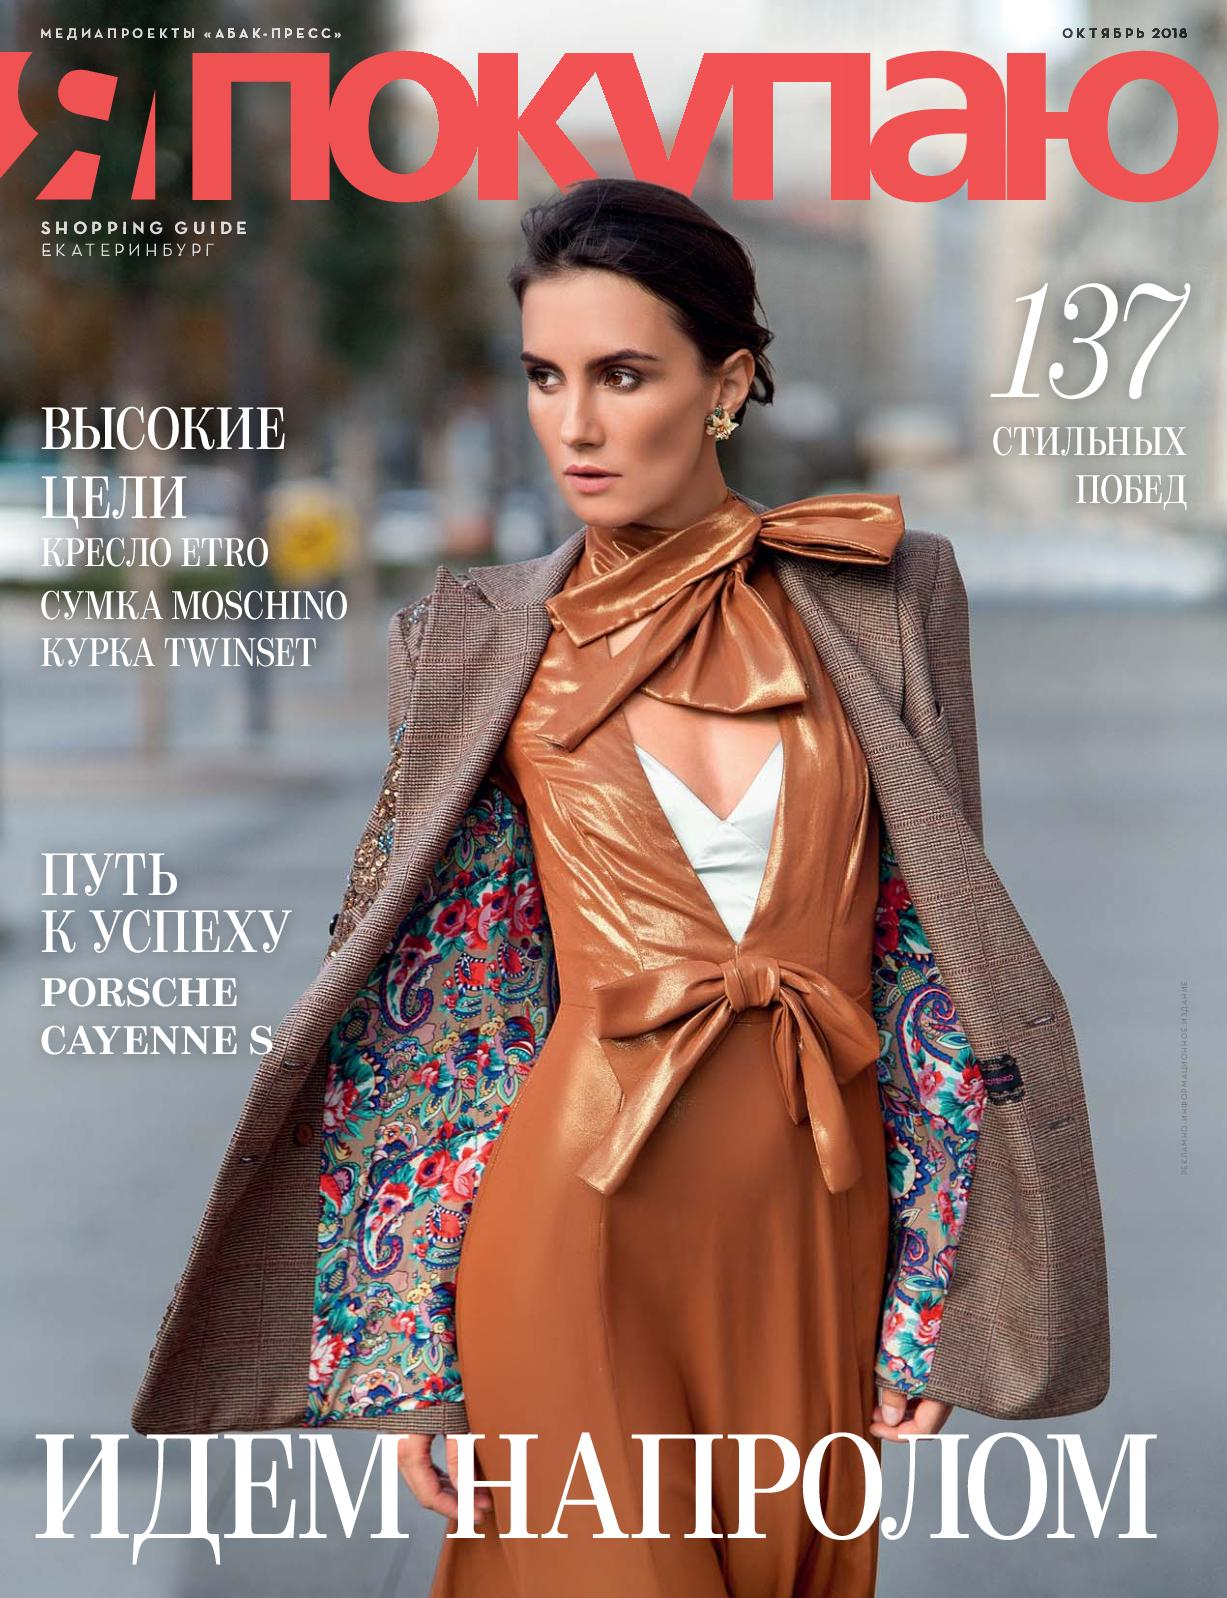 397857cbf76 Calaméo - Электронная версия журнала «Я Покупаю. Екатеринбург ...